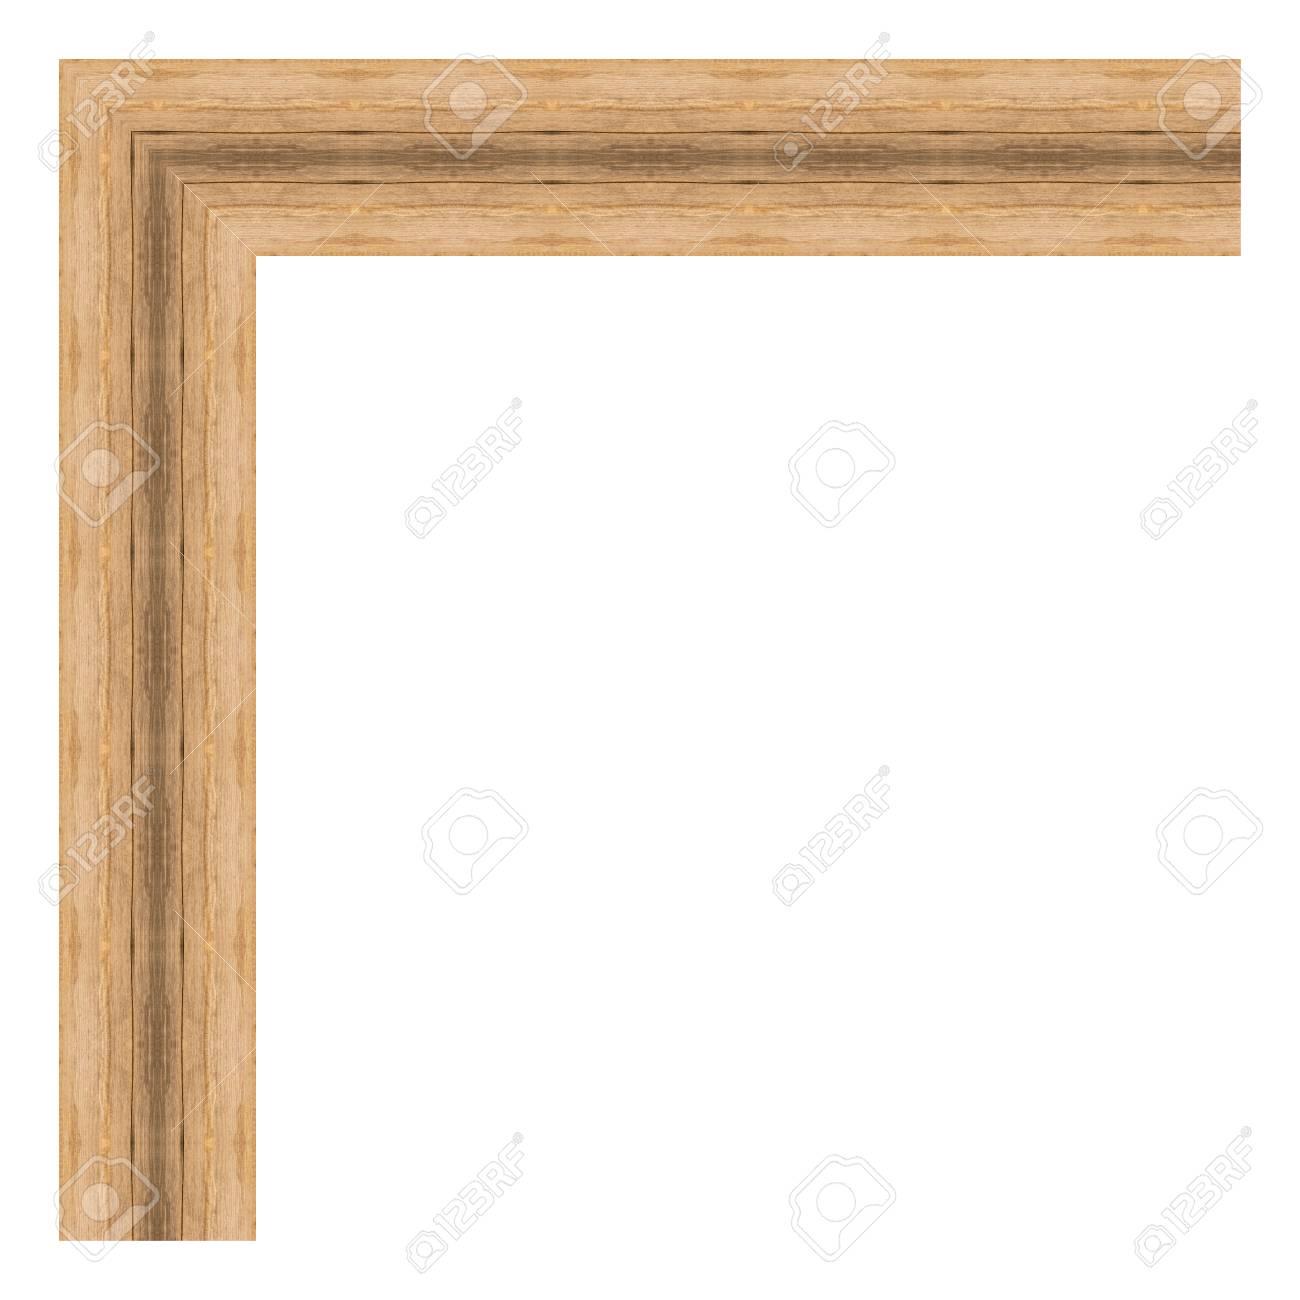 Brown Holzrahmen Isoliert Auf Weißem Hintergrund. Moderne ...